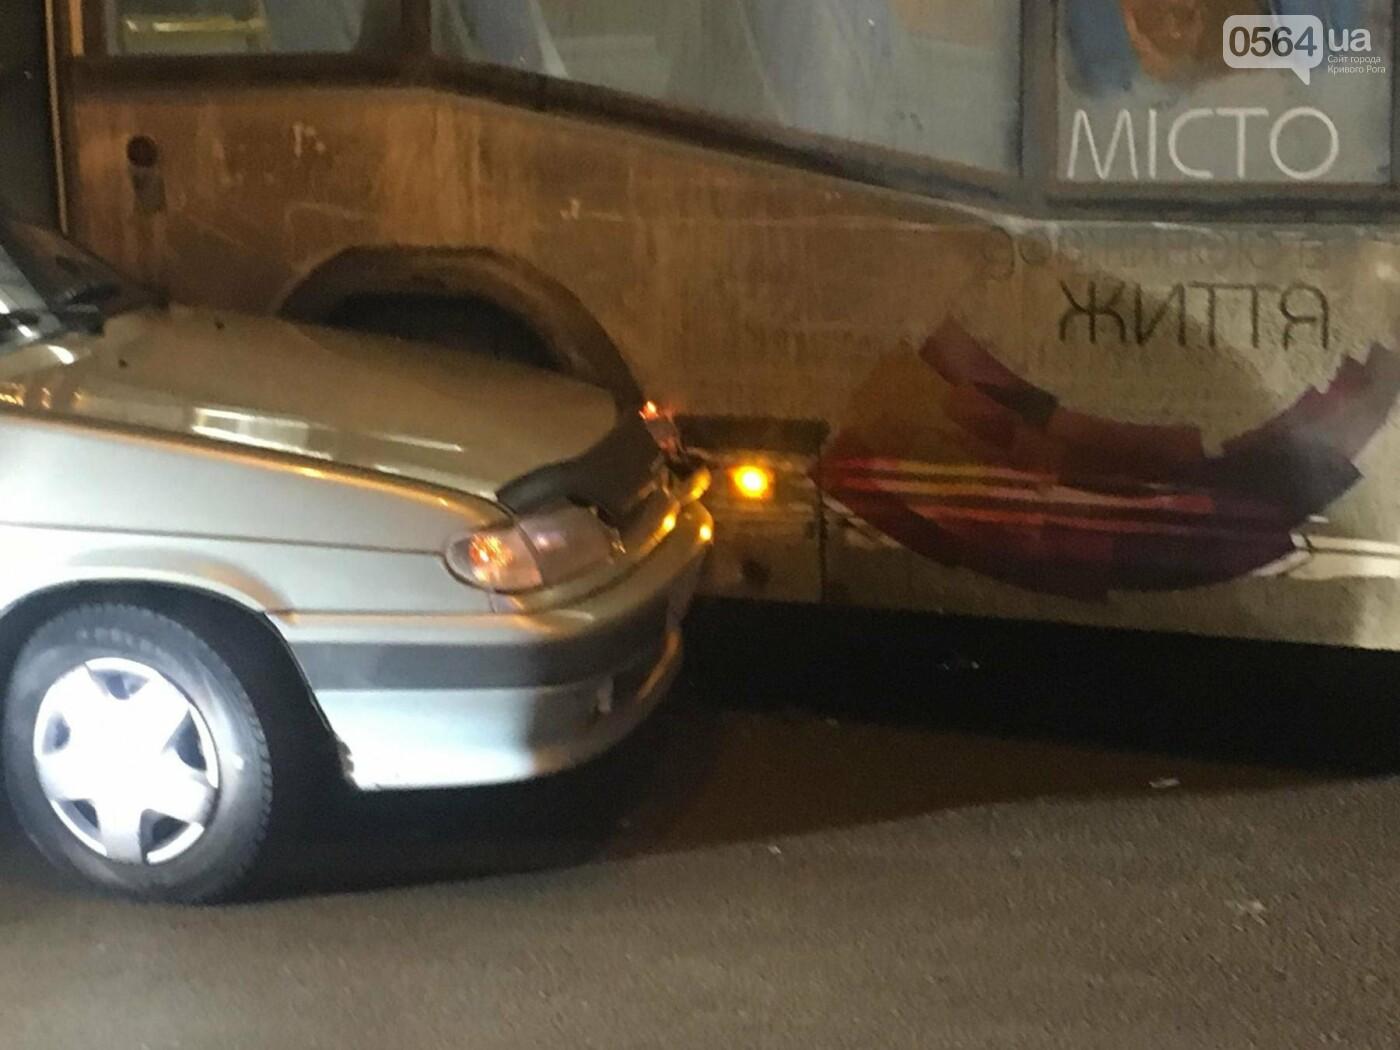 Не везет, так не везет: Один из новых криворожских автобусов попал в ДТП (ФОТО), фото-4